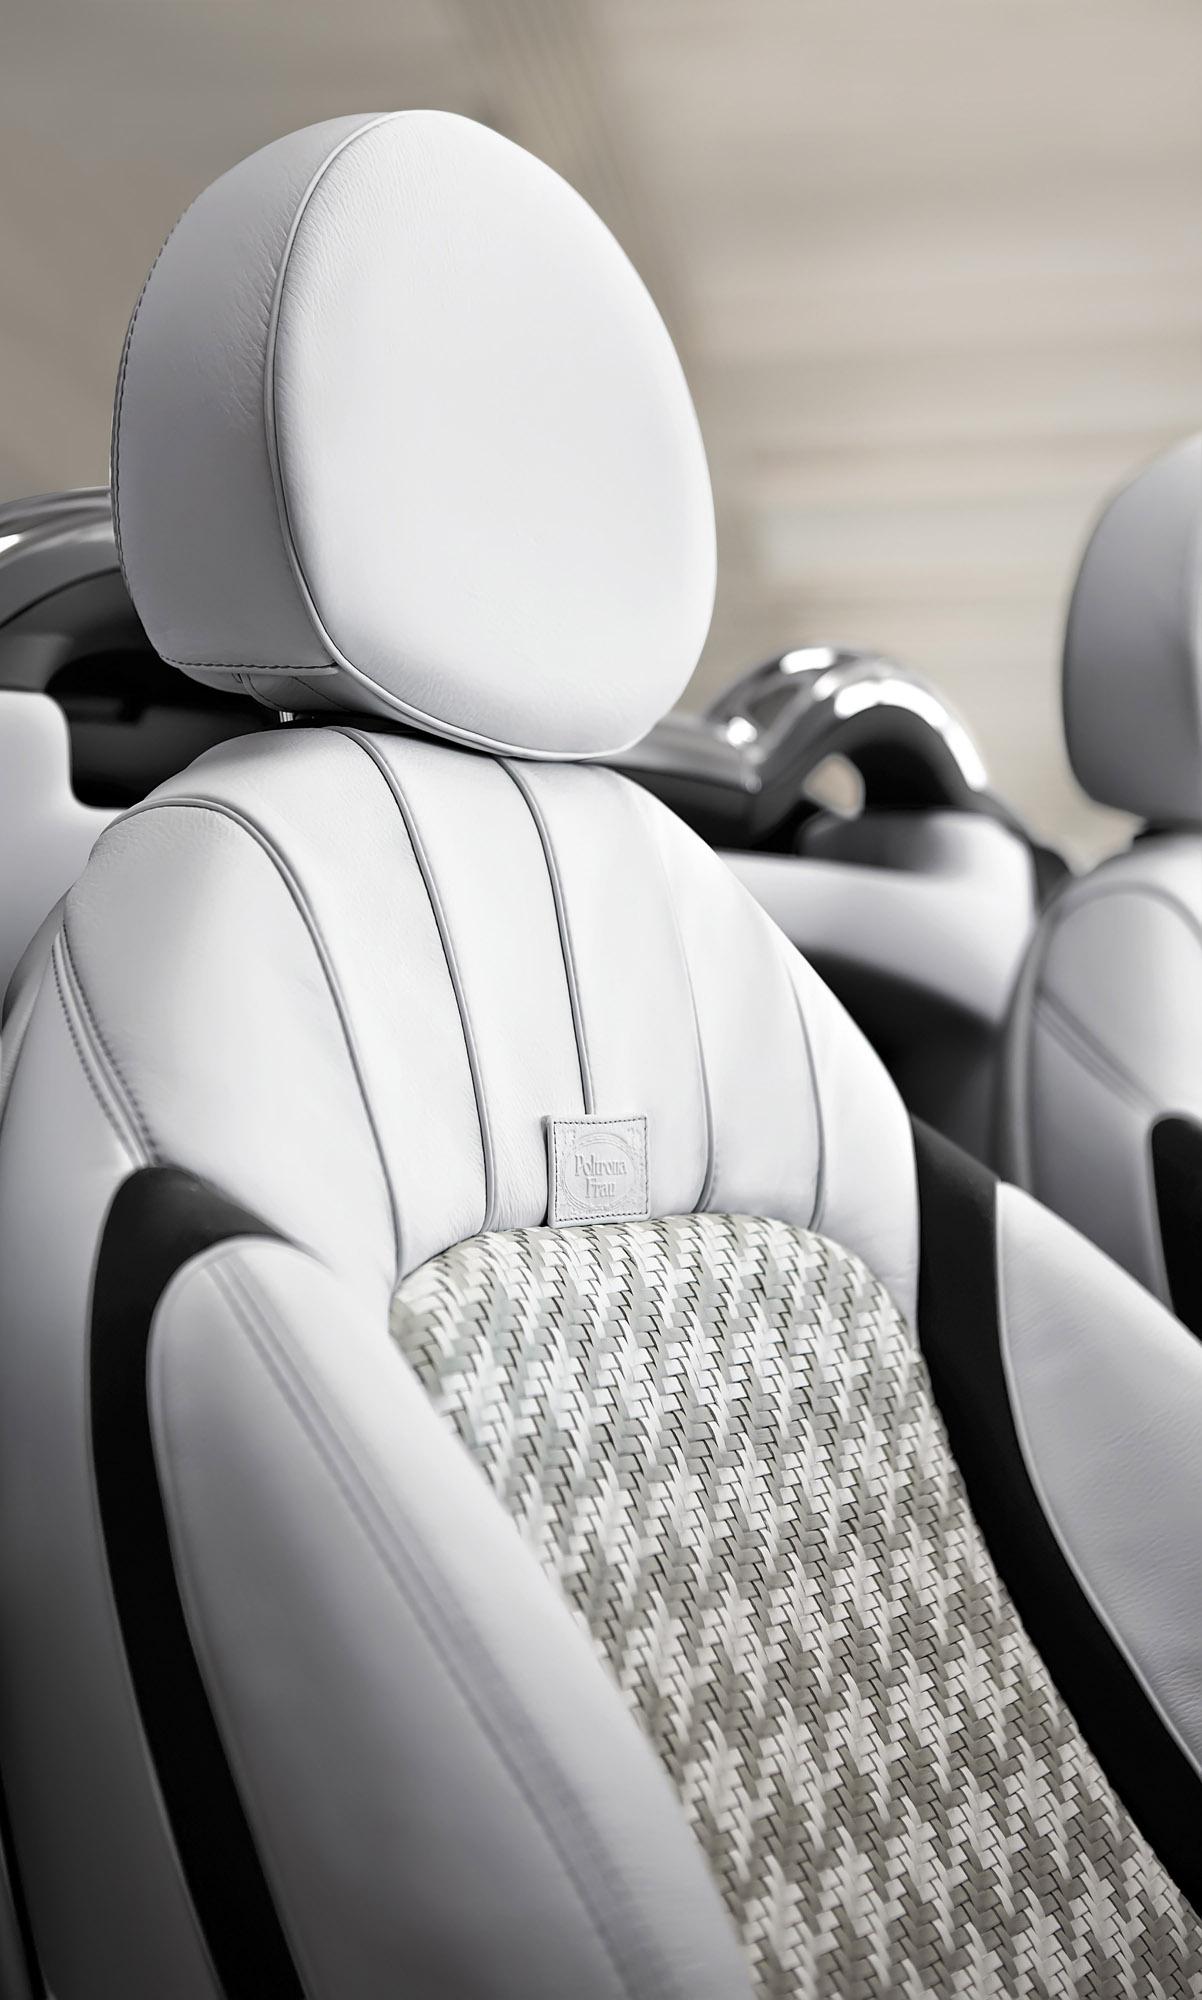 2009 MINI Roadster Concept (16 / 19)